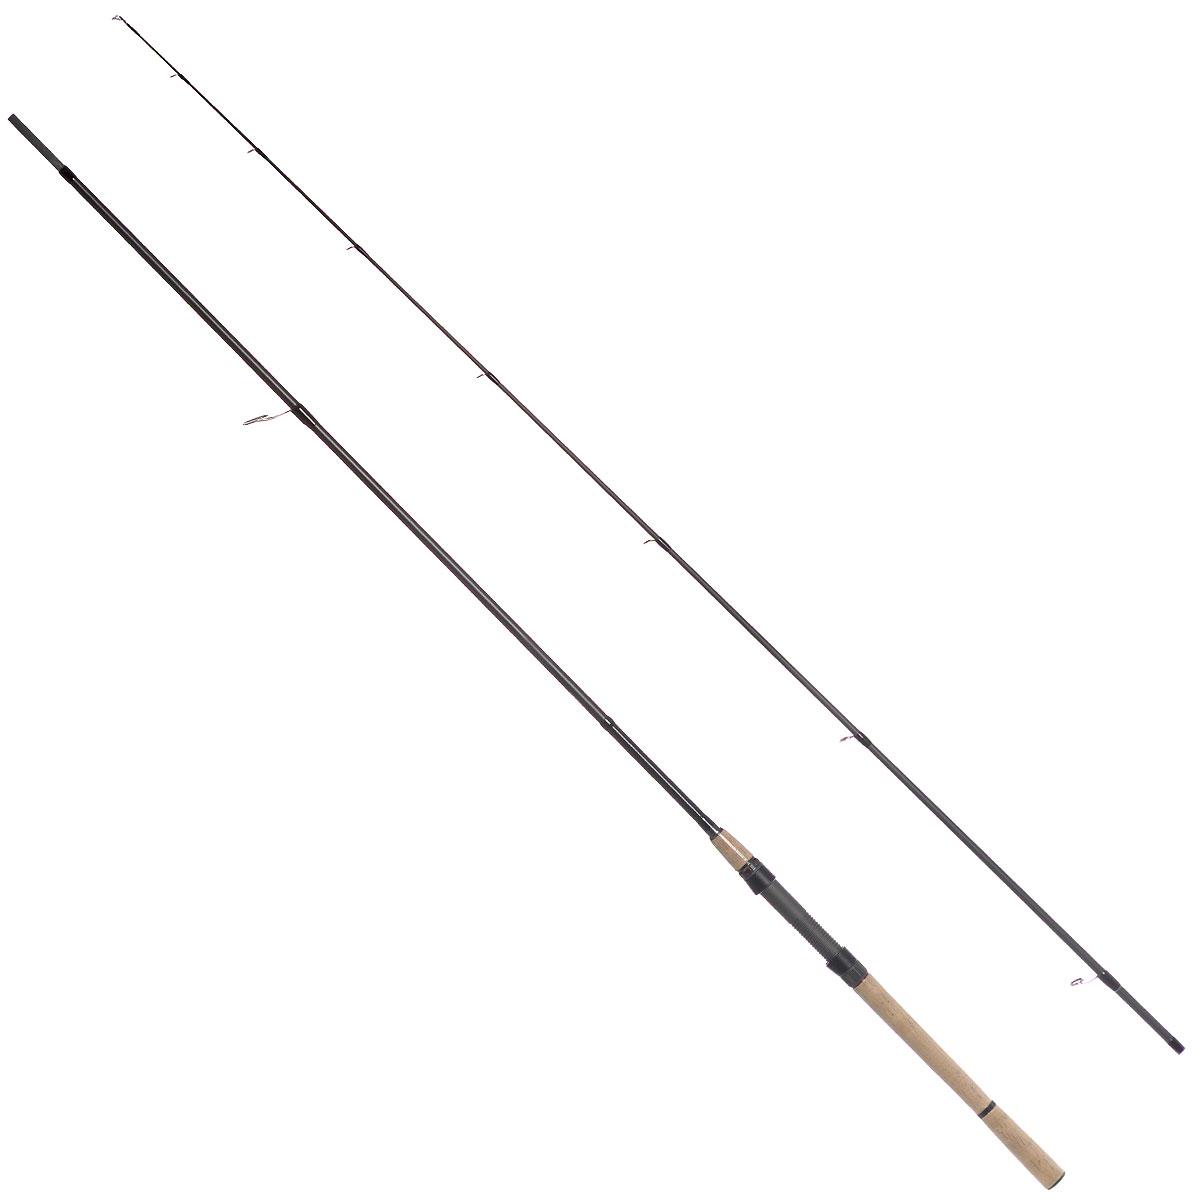 Спиннинг штекерный Daiwa Infinity-Q NEW Jigger, 2,70 м, 8-35 г41570Штекерный спиннинг Daiwa Infinity-Q NEW Jigger отличается новой длиной и тестом, обновленной конструкцией бланка. Несмотря на легкий вес, спиннинг достаточно мощный для схватки с рыбой вашей мечты. Стык колен V-Joint не изменяет естественную геометрию бланка, спиннинг ведет себя как одночастный. Спиннинг Daiwa Infinity-Q NEW Jigger значительно легче своих предшественников, а также отличается более быстрым строем. Тест: 8-35 г.